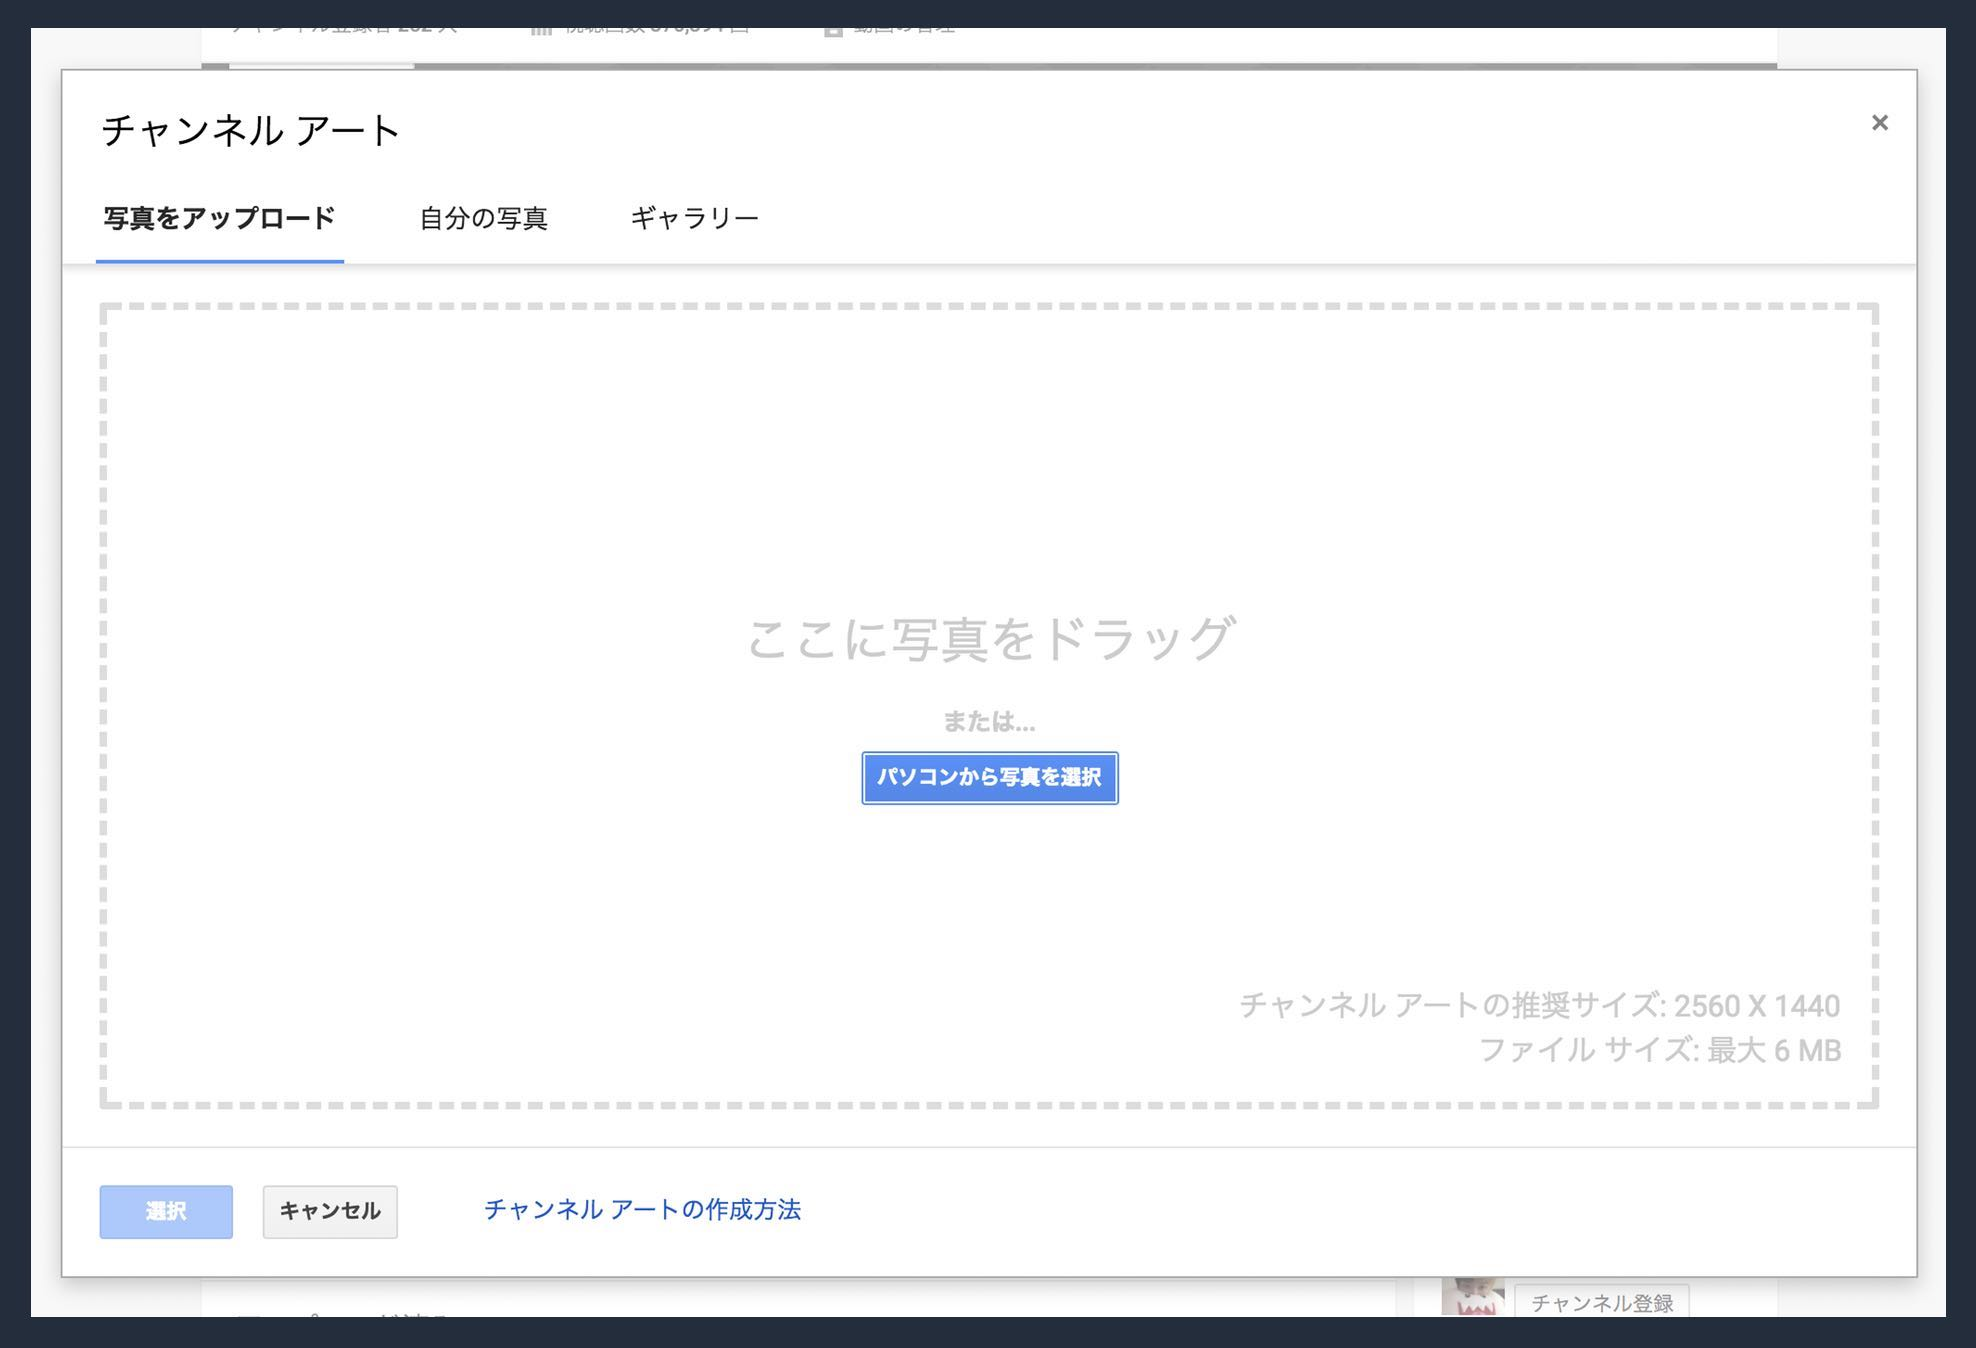 チャンネルアートの画像アップロード画面